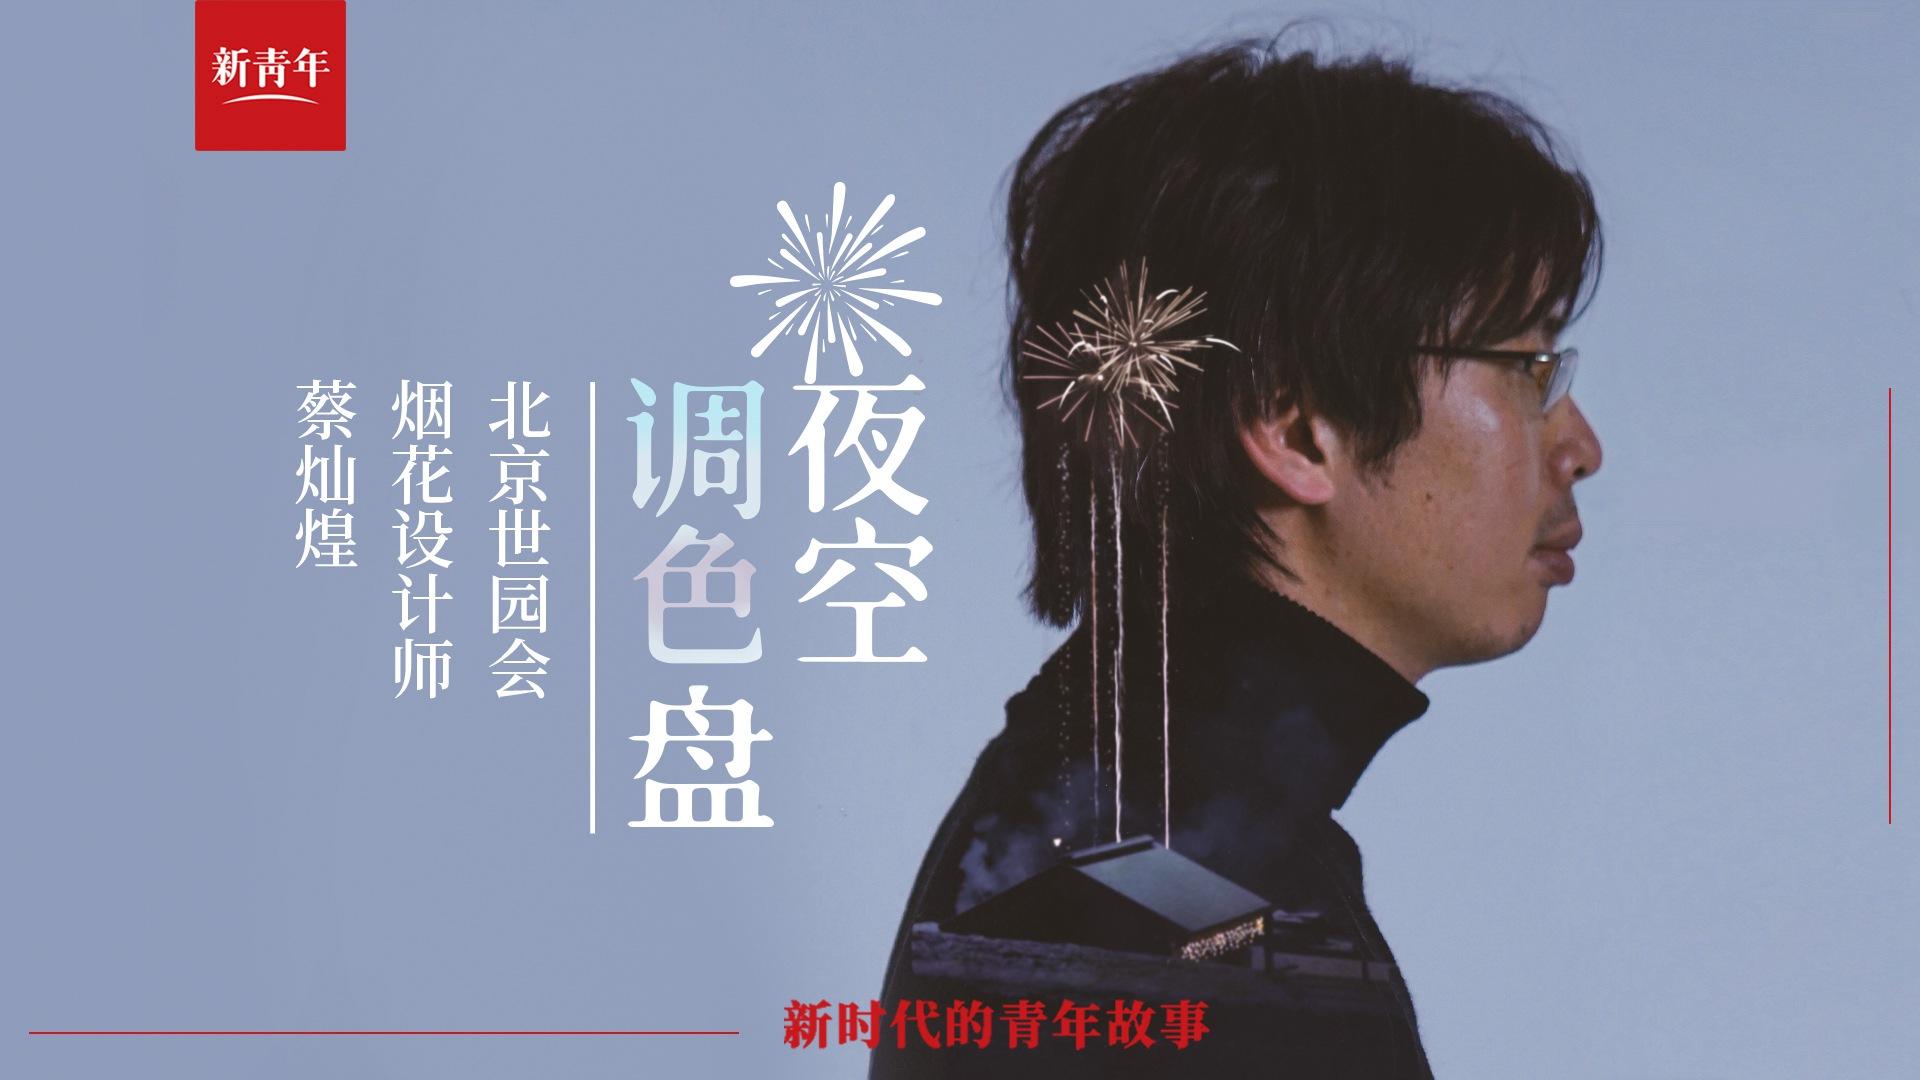 他把梅蘭竹菊種在了天空